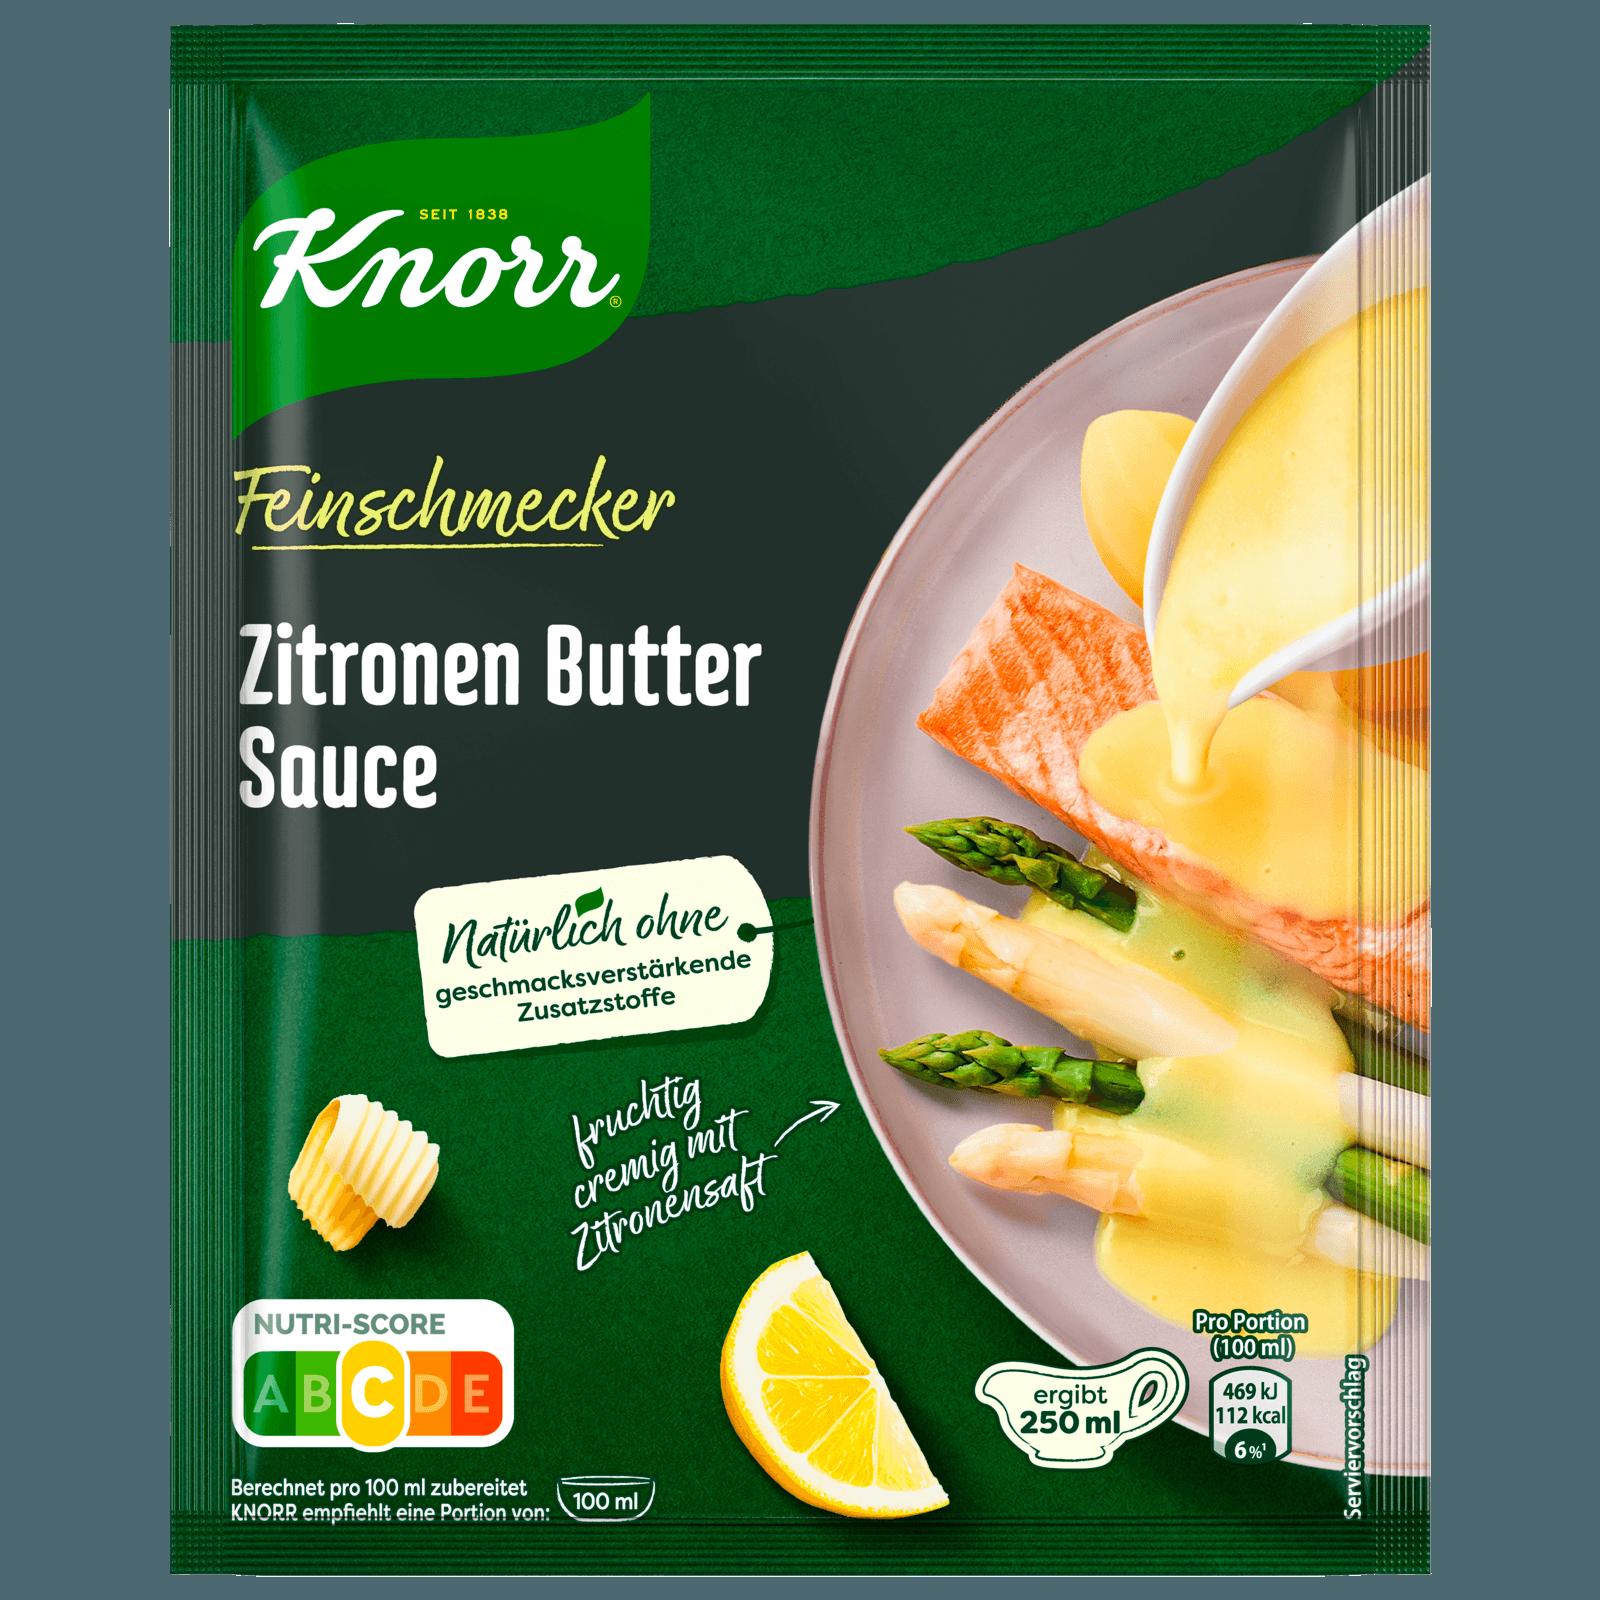 Knorr Feinschmecker Zitronen Butter Soße 250 ml bei REWE online ...